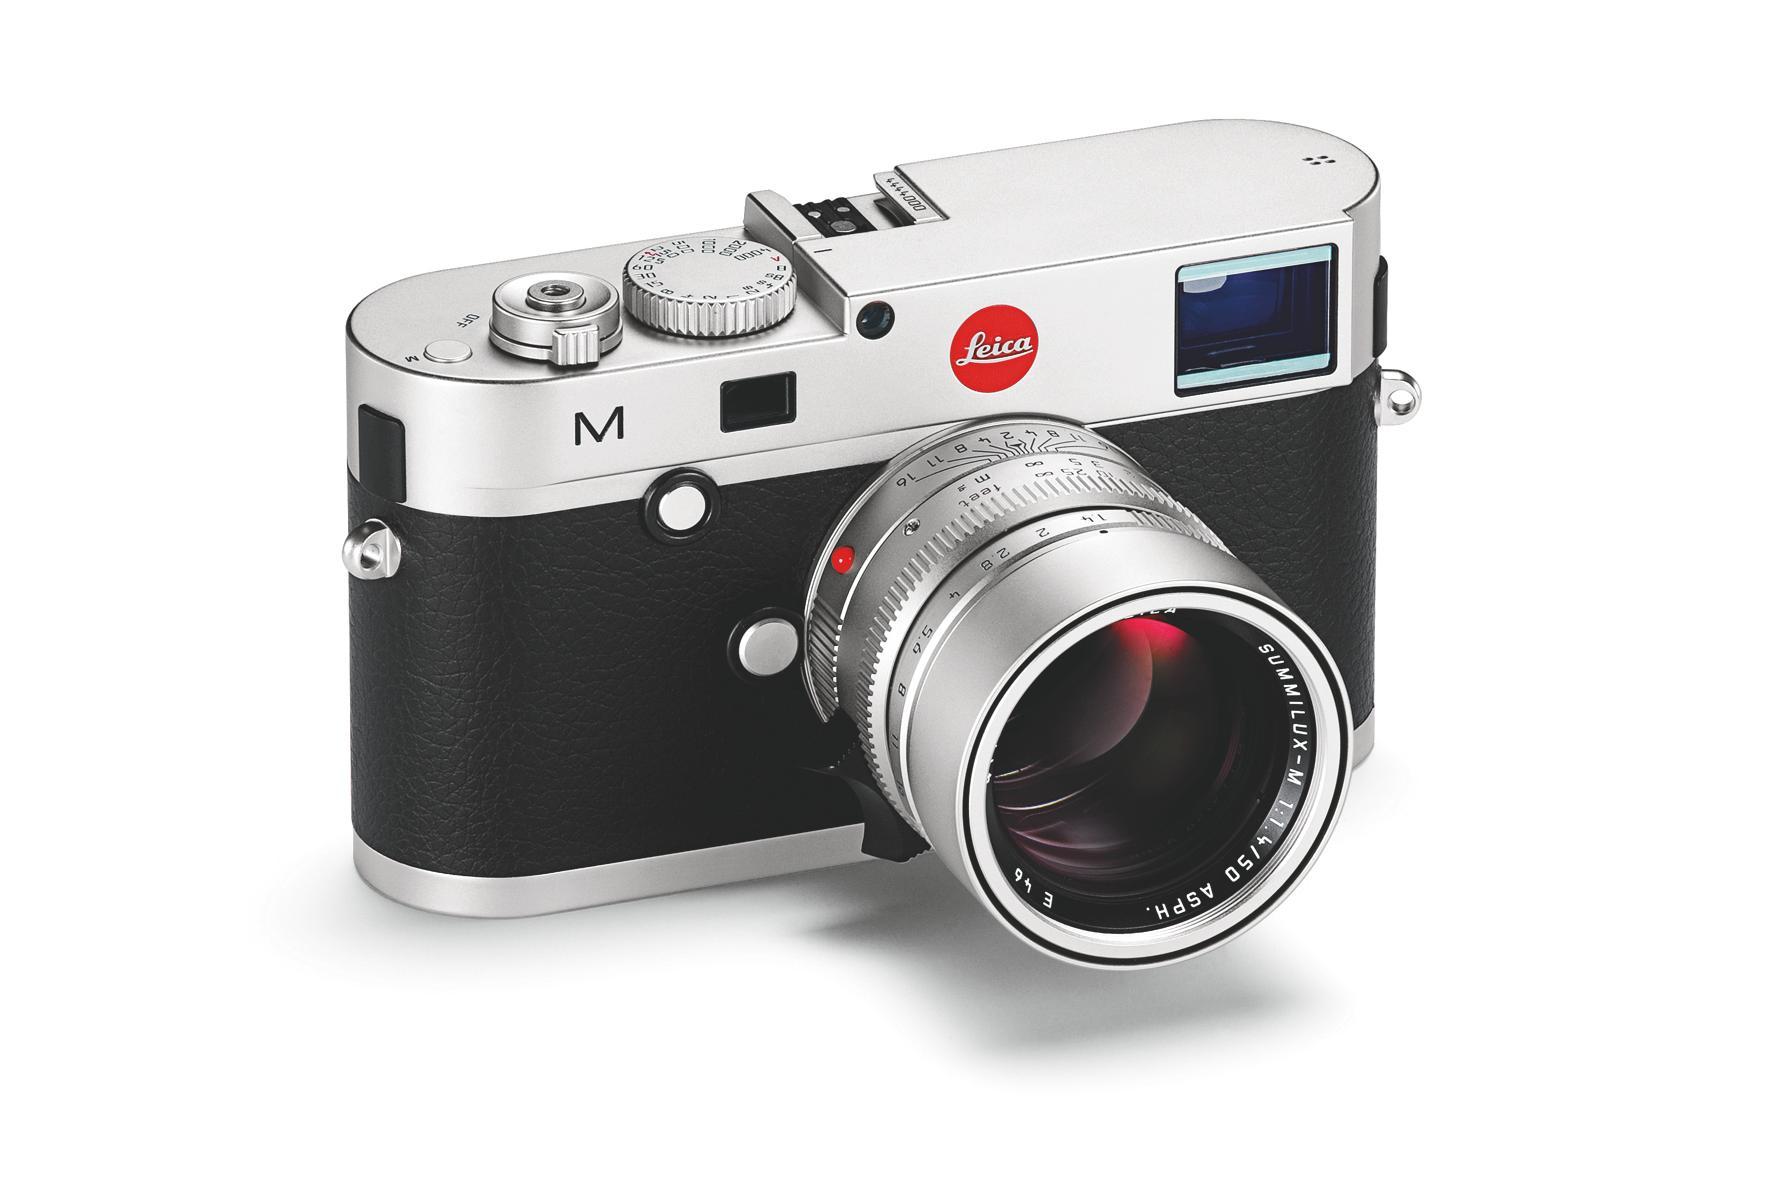 Leica M.Foto: Leica